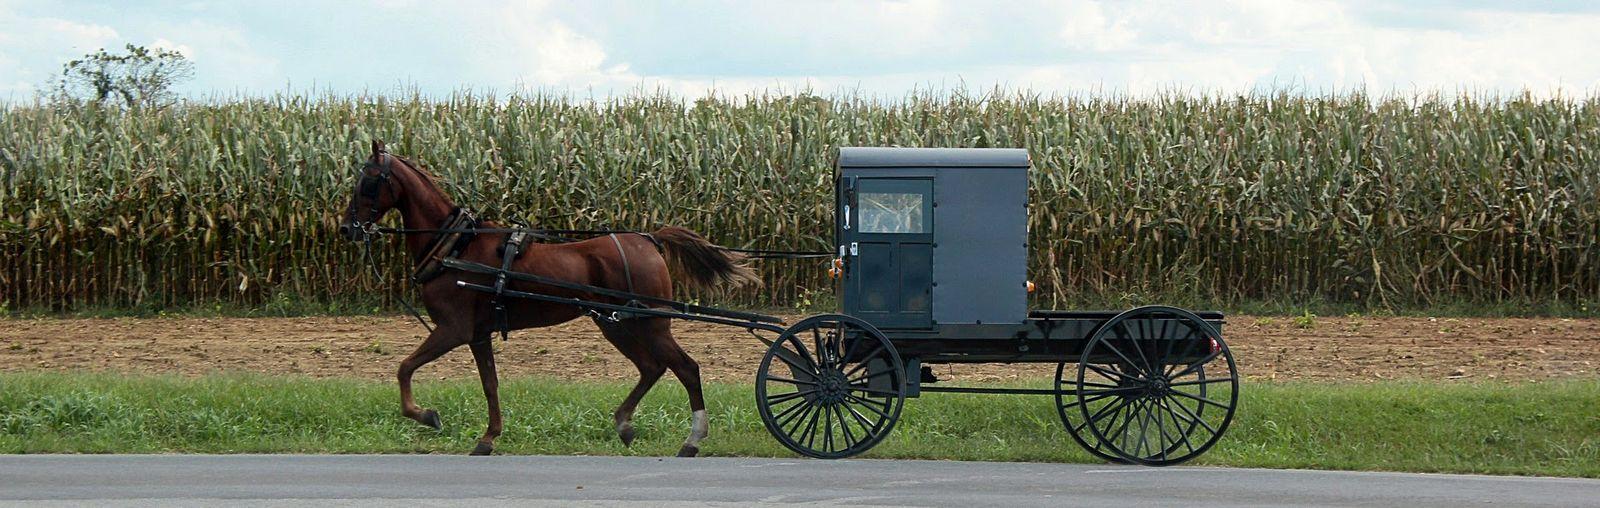 Yo diría que ese buggy se conduce solo...